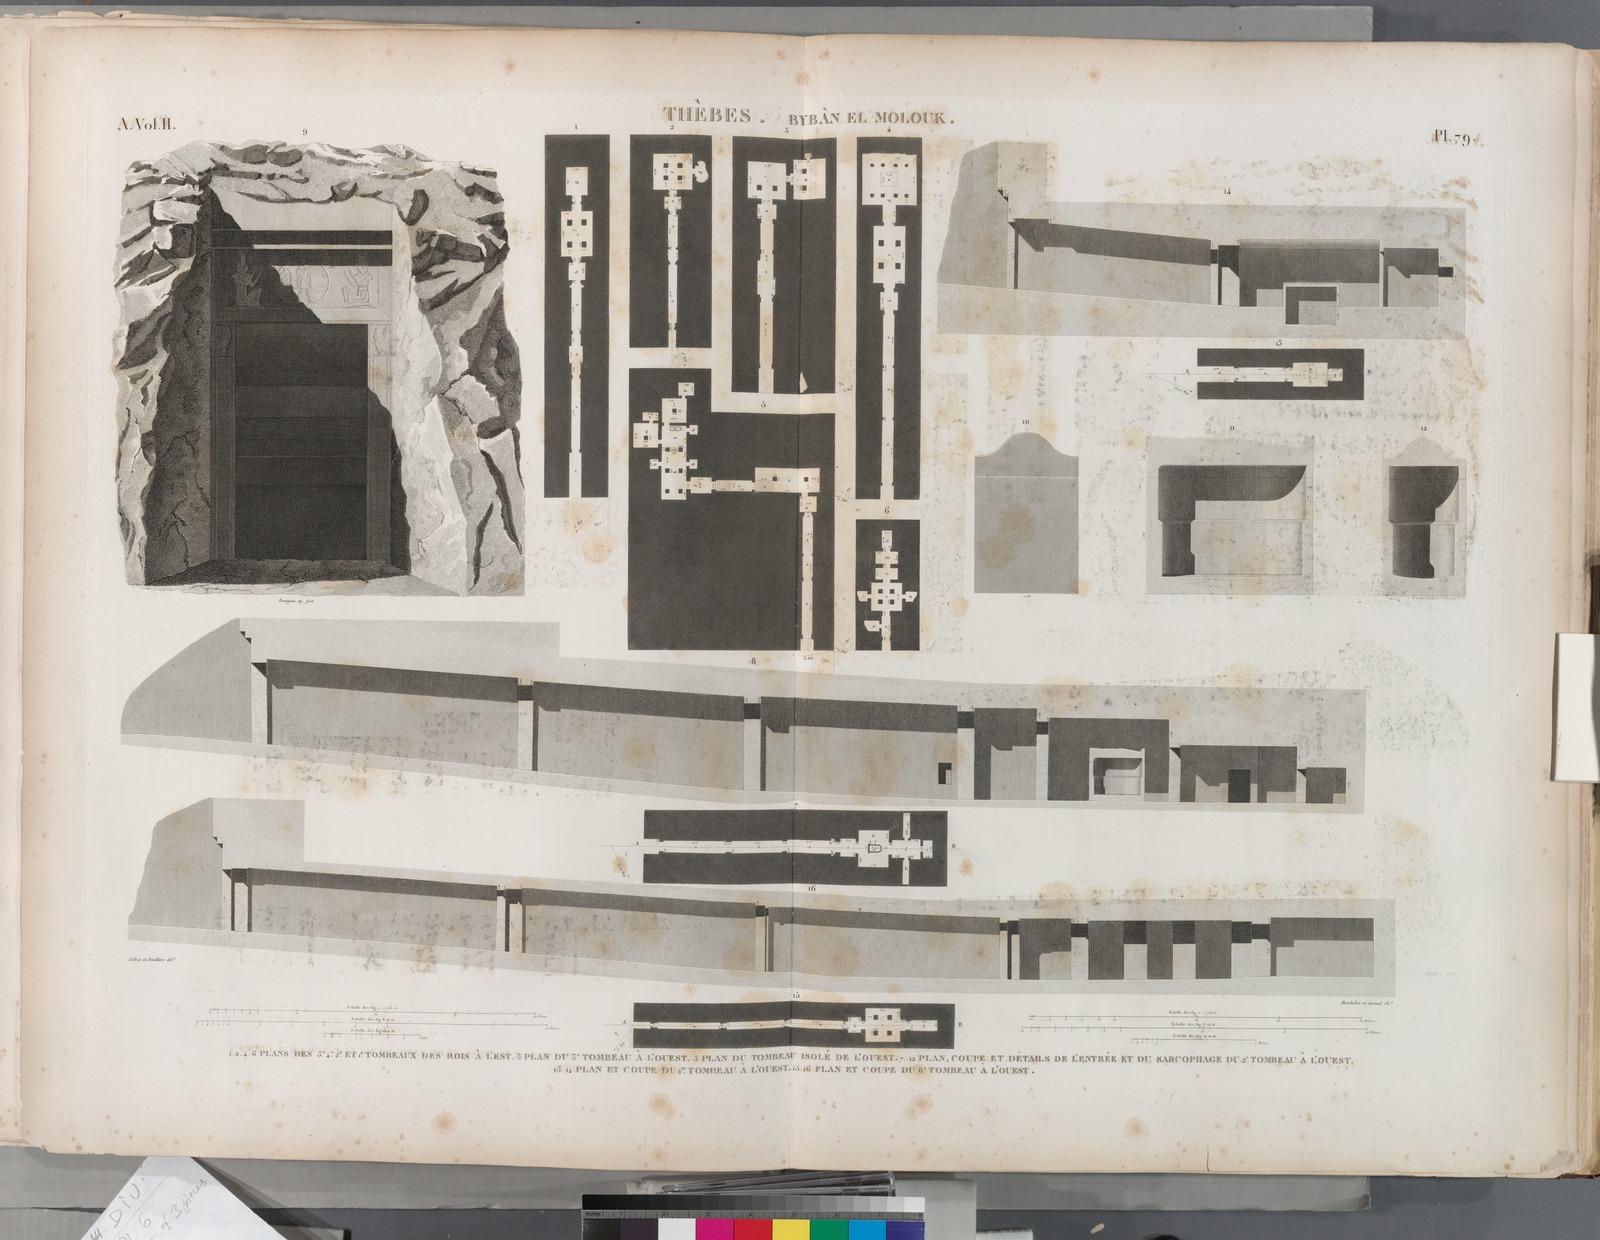 Thèbes. Bybân el-Molouk [Bîbân al-Mulûk]. 1.2.4.6. Plan des 3-e, 4-e, 2-e et 1-r tombeaux des rois à l'est; 3. Plan du 3-e tombeau à l'ouest; 5. Plan du tombeau isolé de l'ouest; 7-12. Plan, coupe et détails de l'entrée et du sarcophage du 2-e tombeau à l'ouest; 13.14. Plan et coupe du 1-r tombeau à l'ouest; 15.16. Plan et coupe du 6-e tombeau à l'ouest.